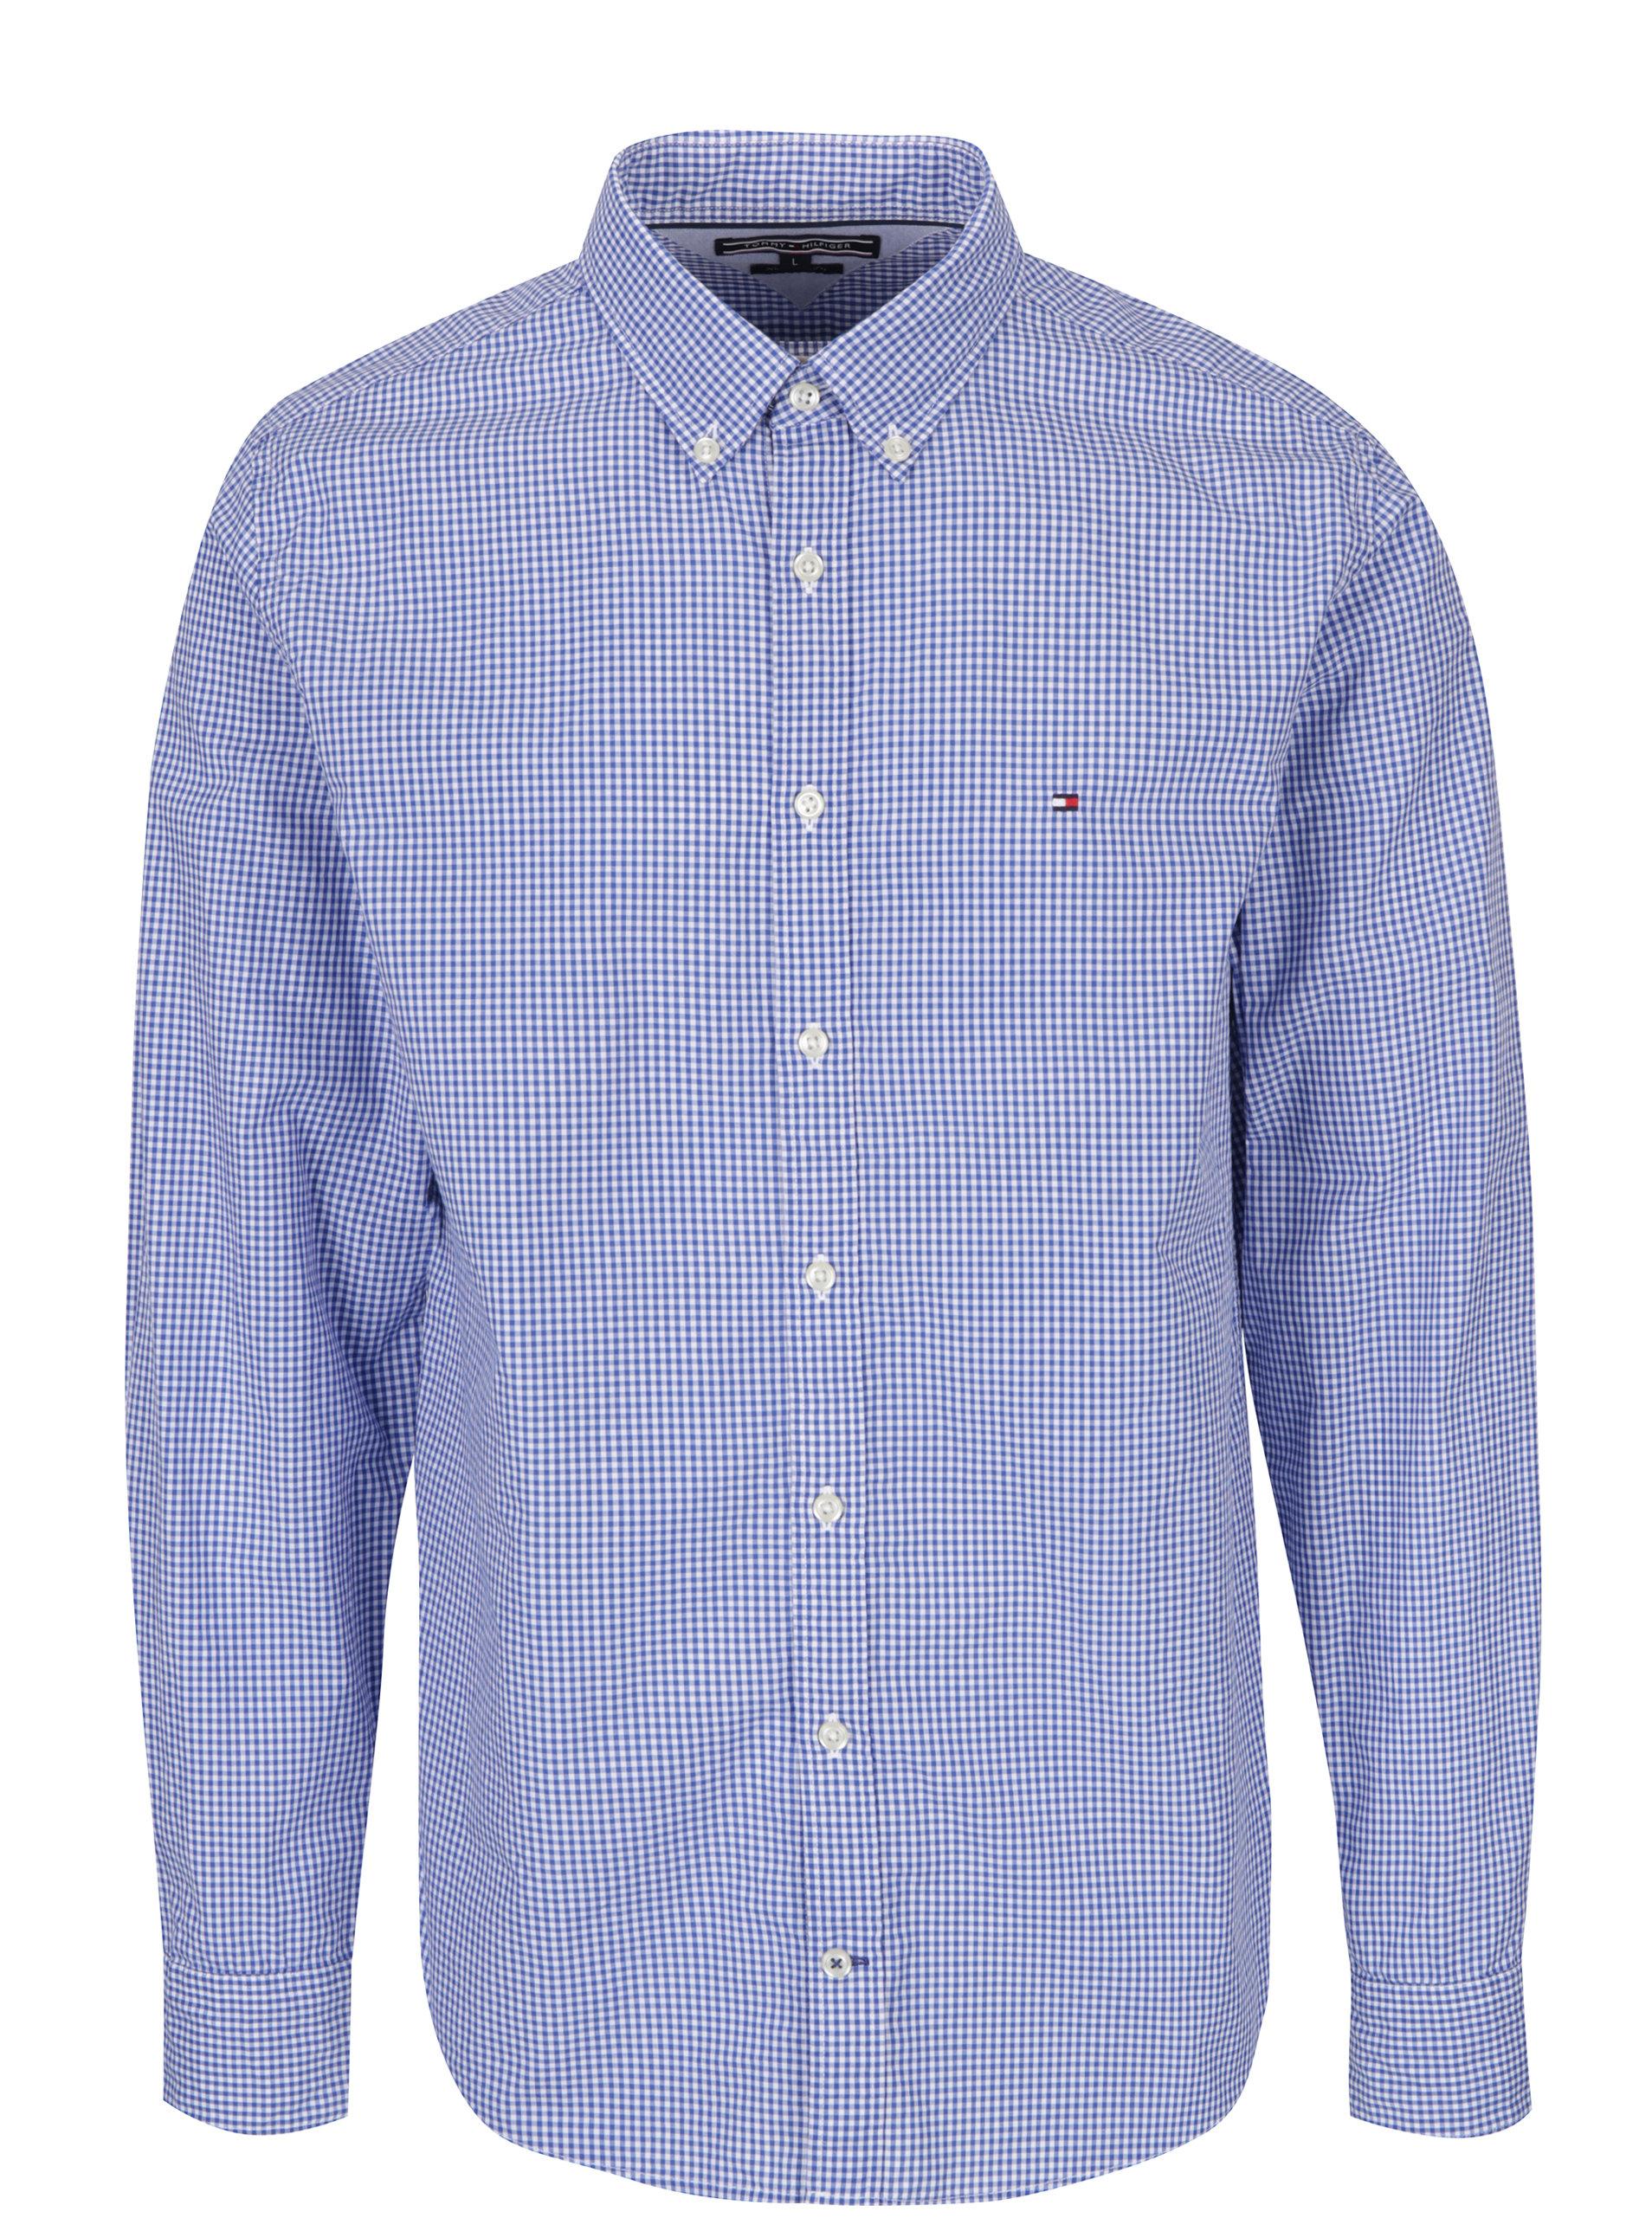 4d1e03c578c1 Svetlomodrá pánska kockovaná košeľa Tommy Hilfiger Ivy ...